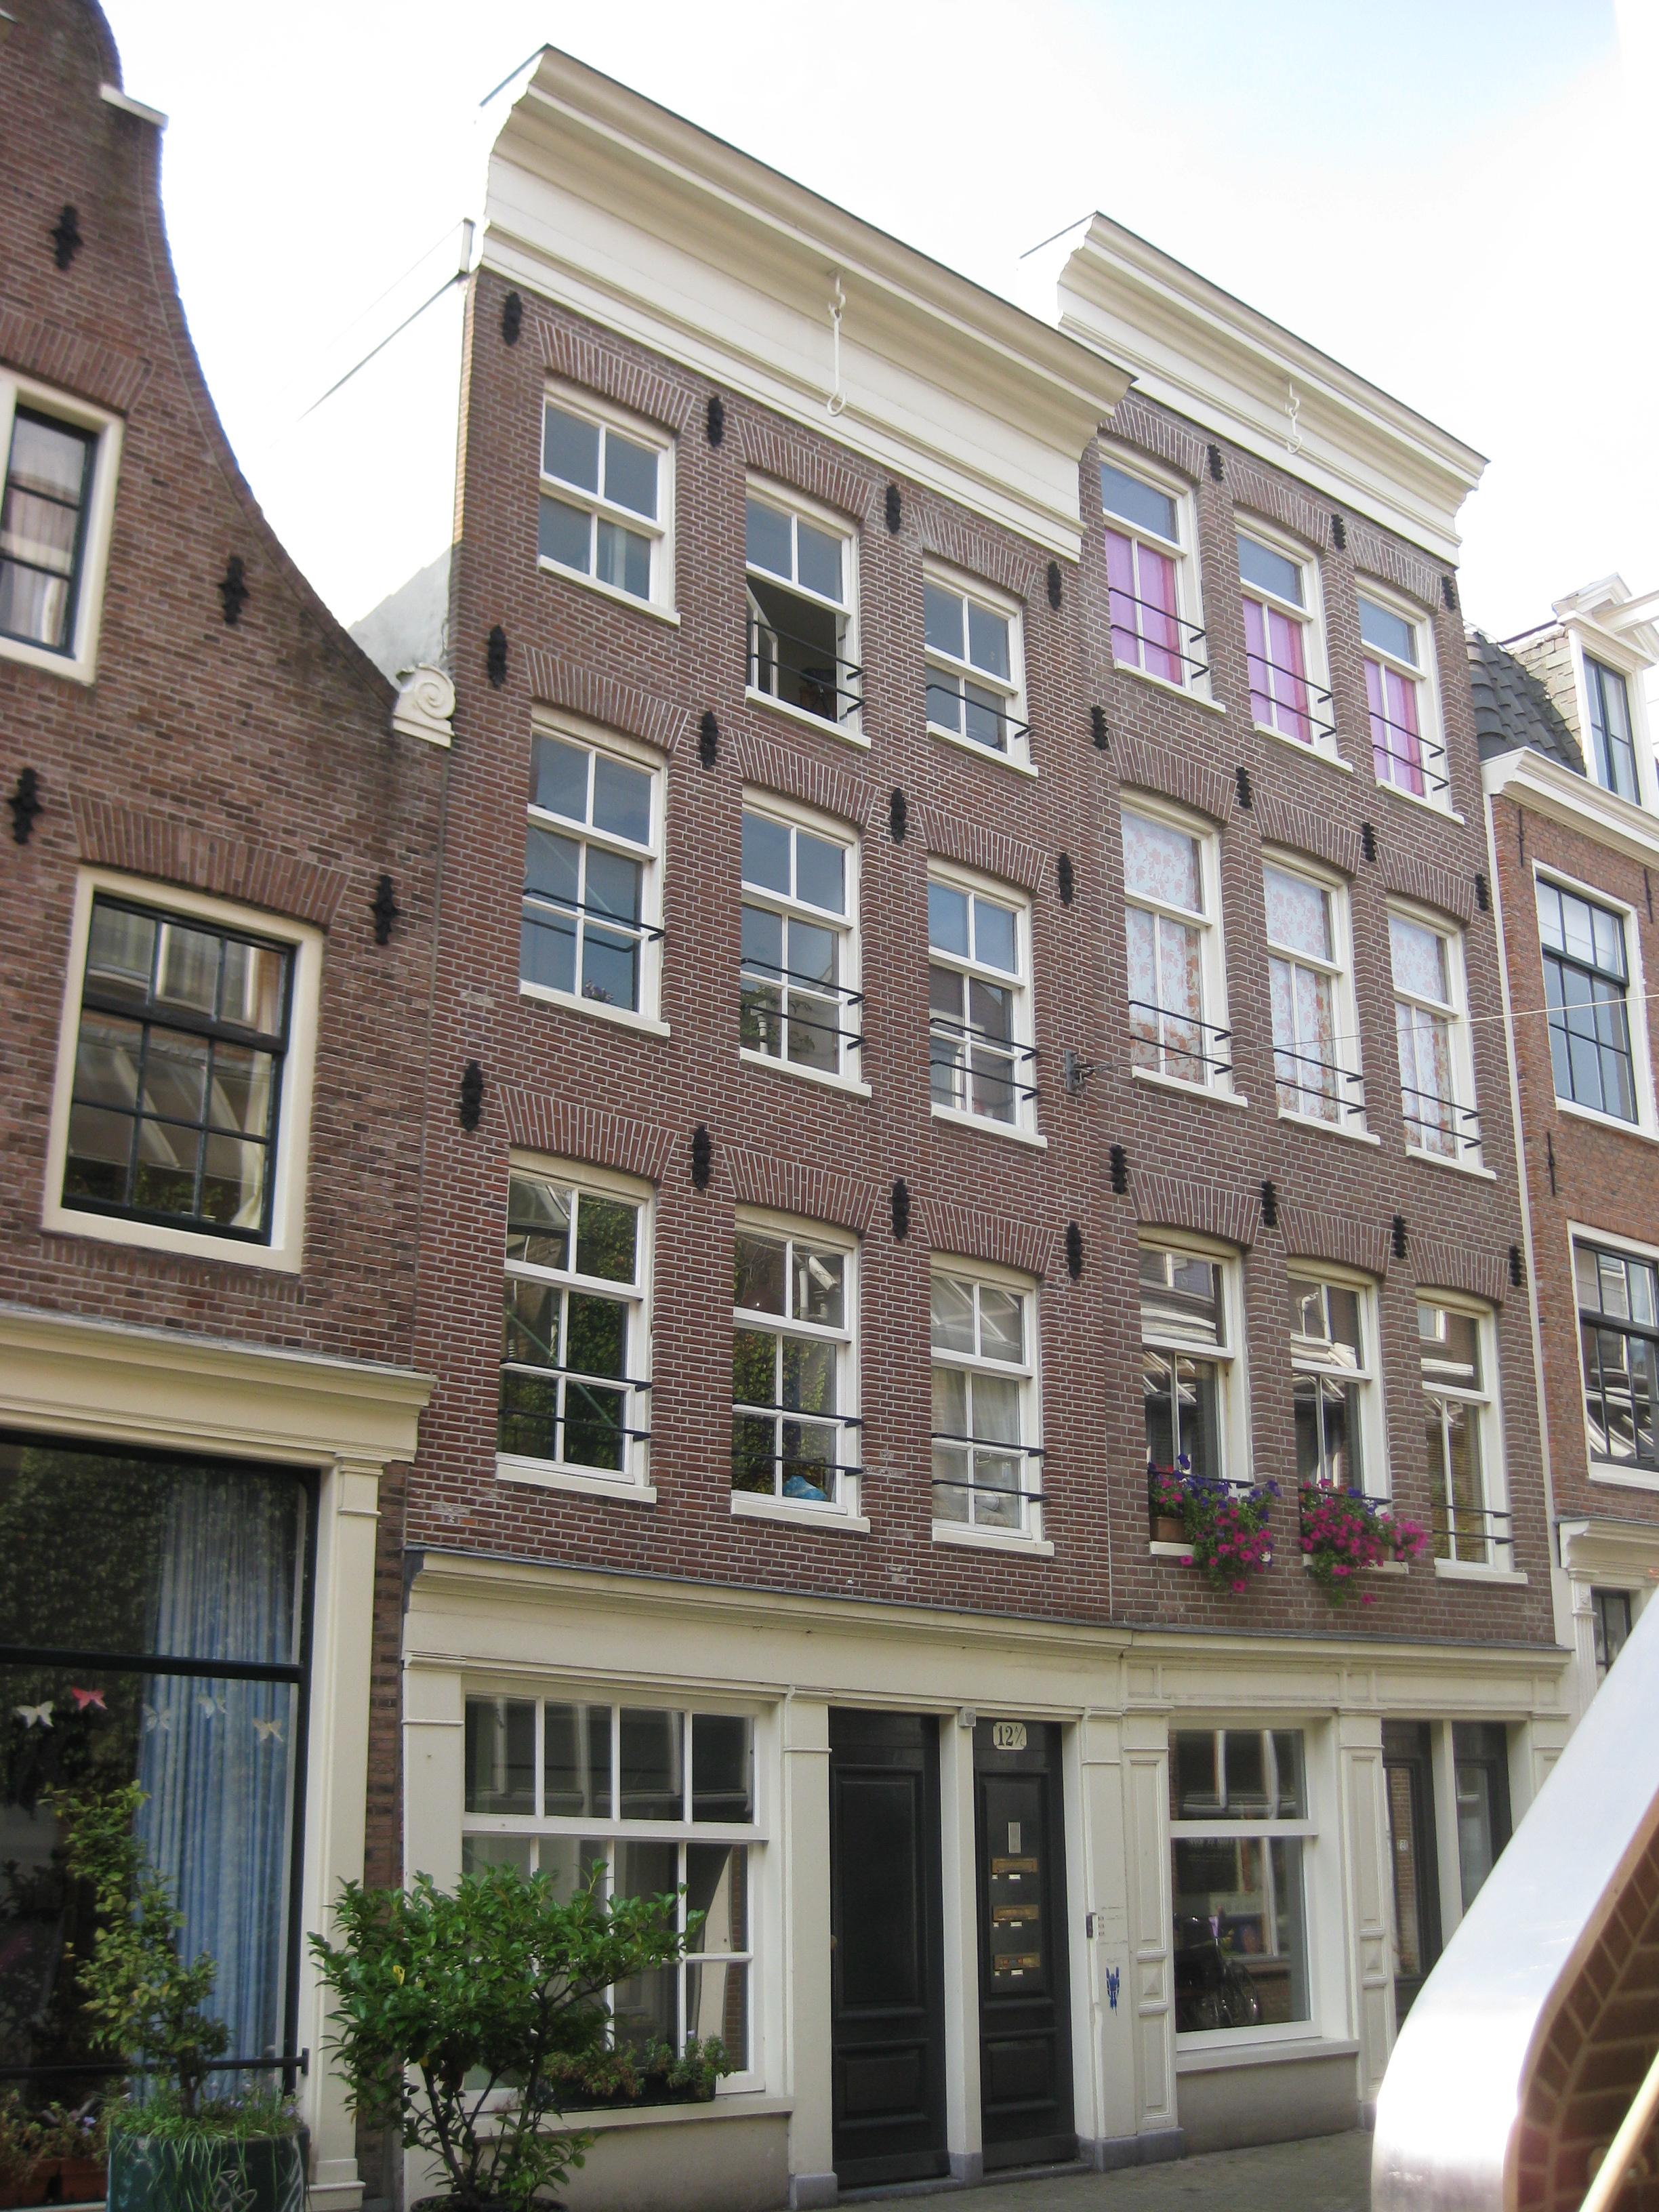 Huis voorzien van een gevel met 19e eeuwse ankers en een rechte lijst in amsterdam monument - Provencaalse huis gevel ...